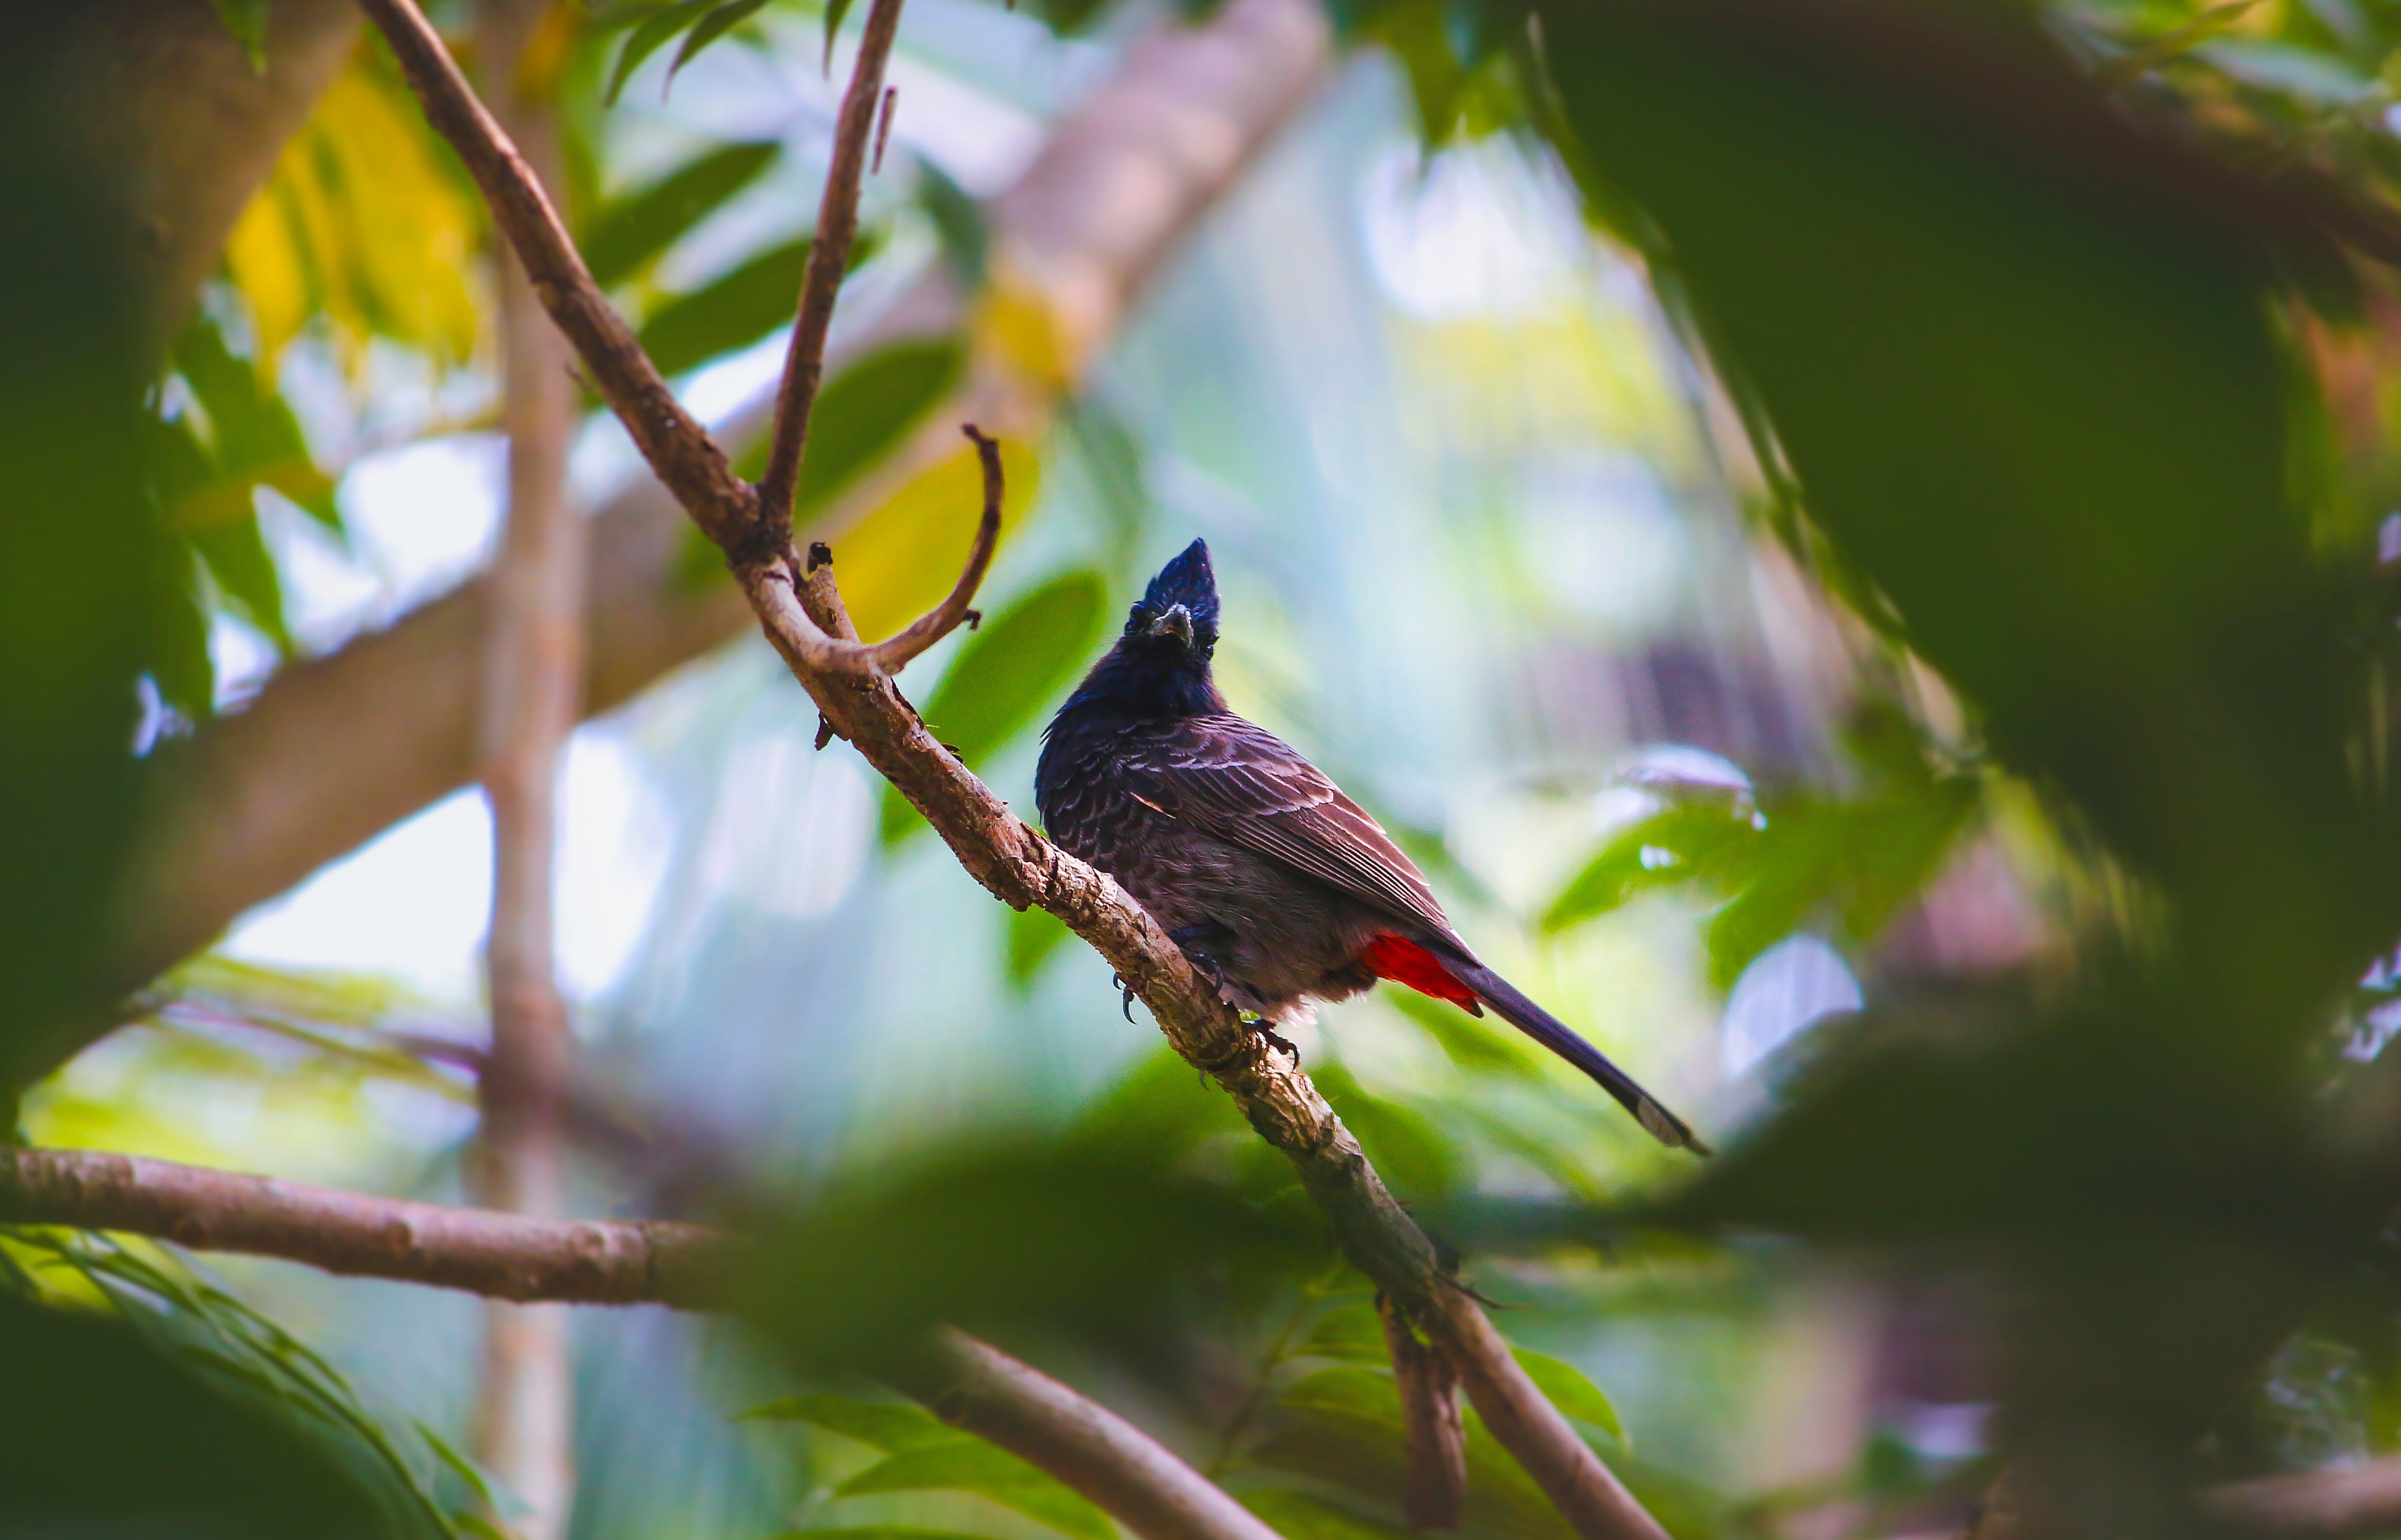 動物, 棲息, 樹, 野生動物 的 免费素材照片